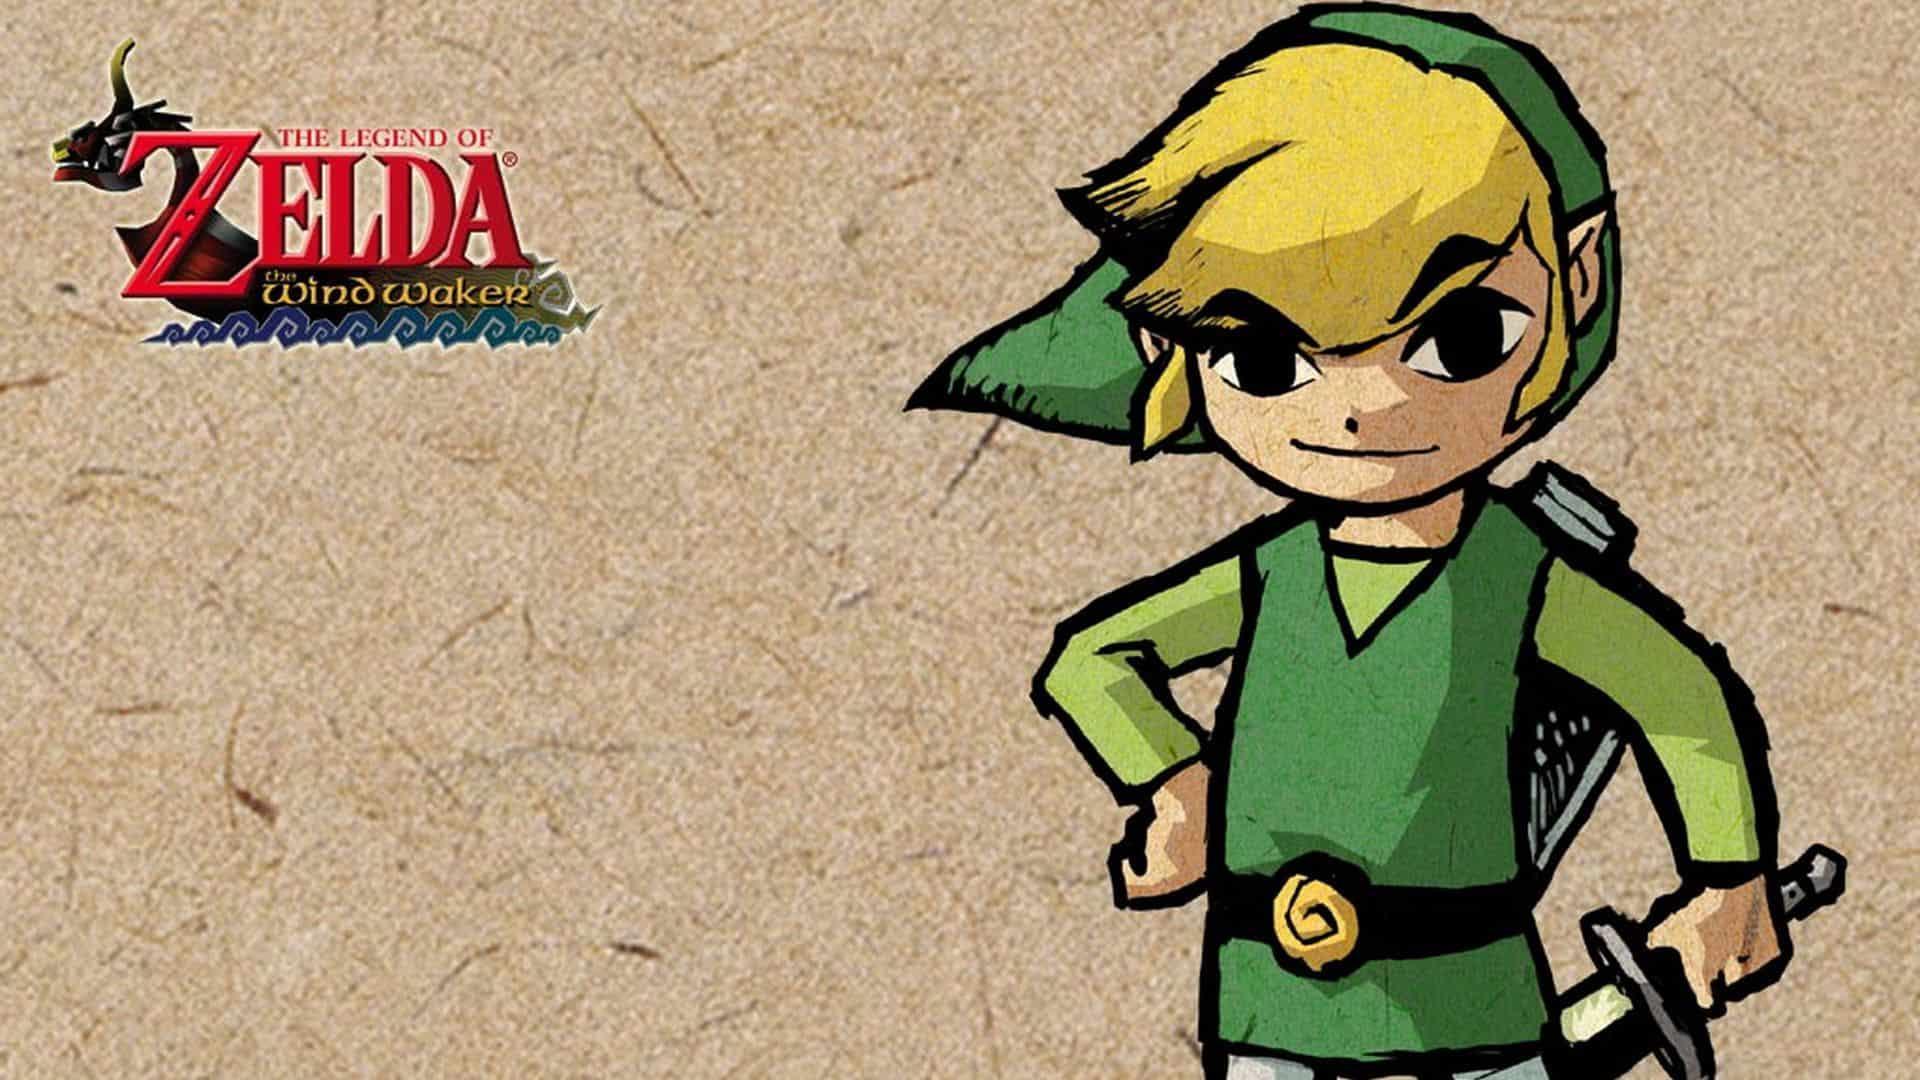 Best Zelda Games - The Legend of Zelda - The Wind Waker